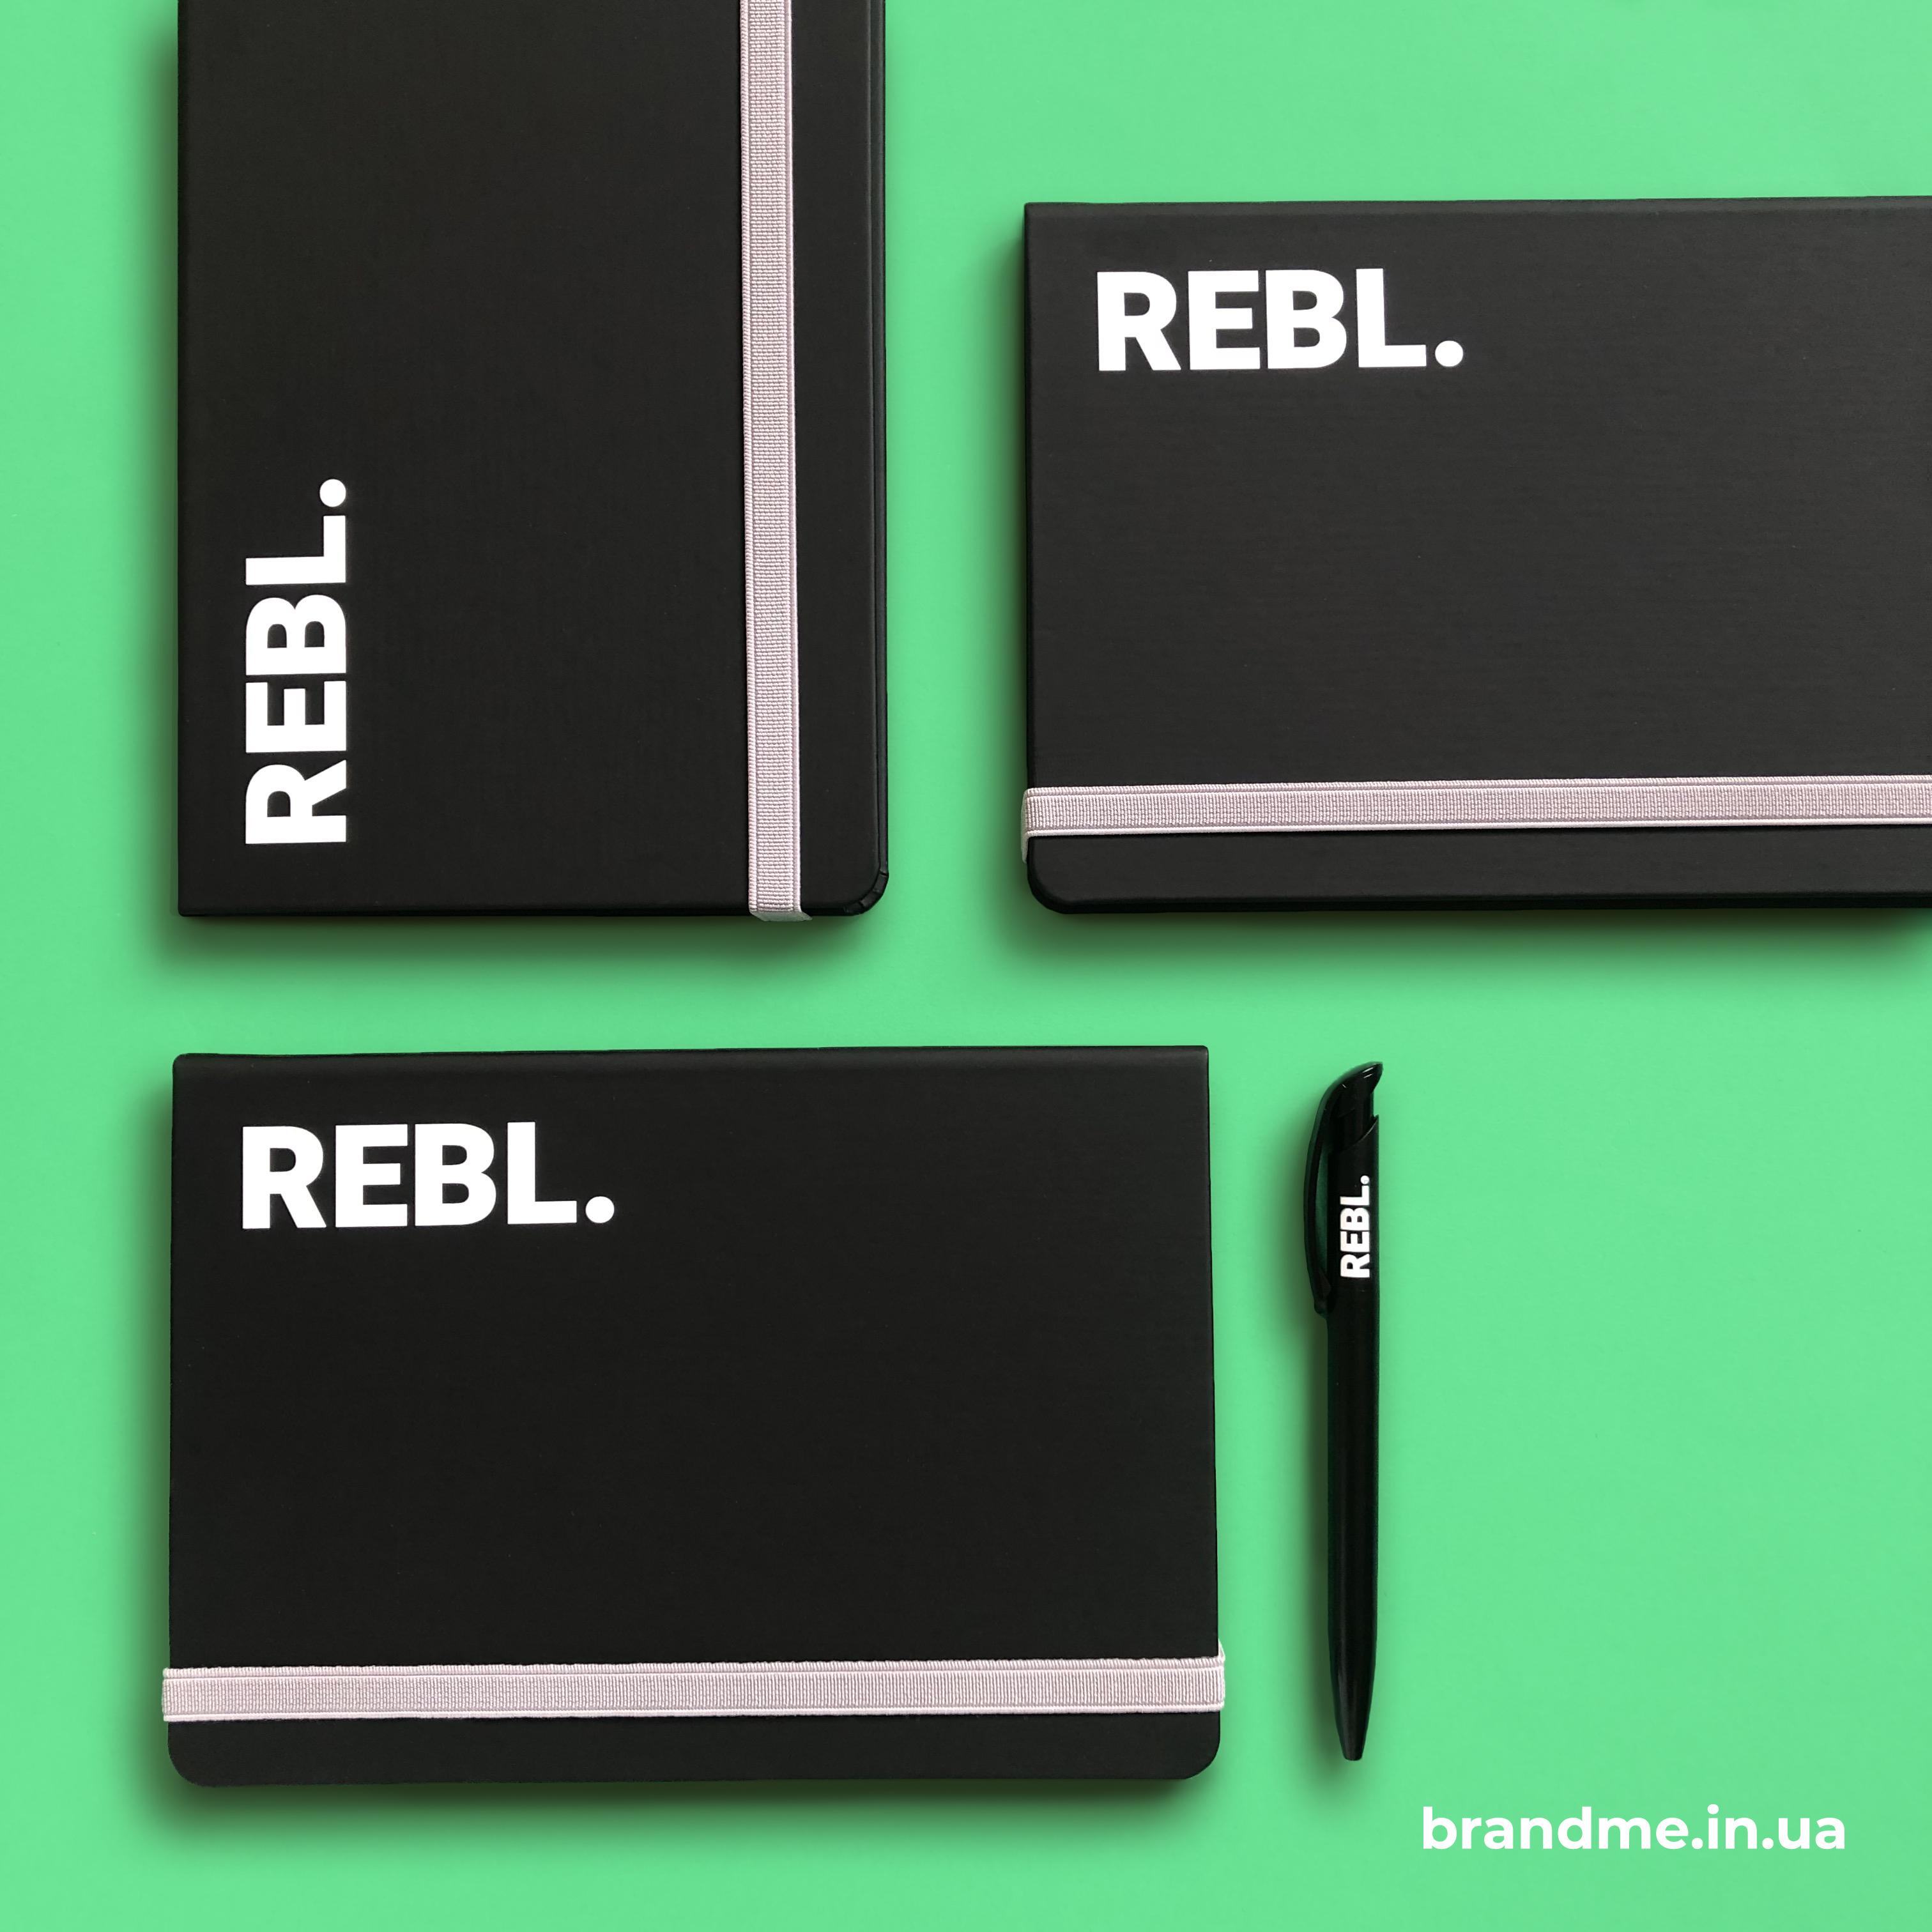 УФ-печать на дневниках для REBL.